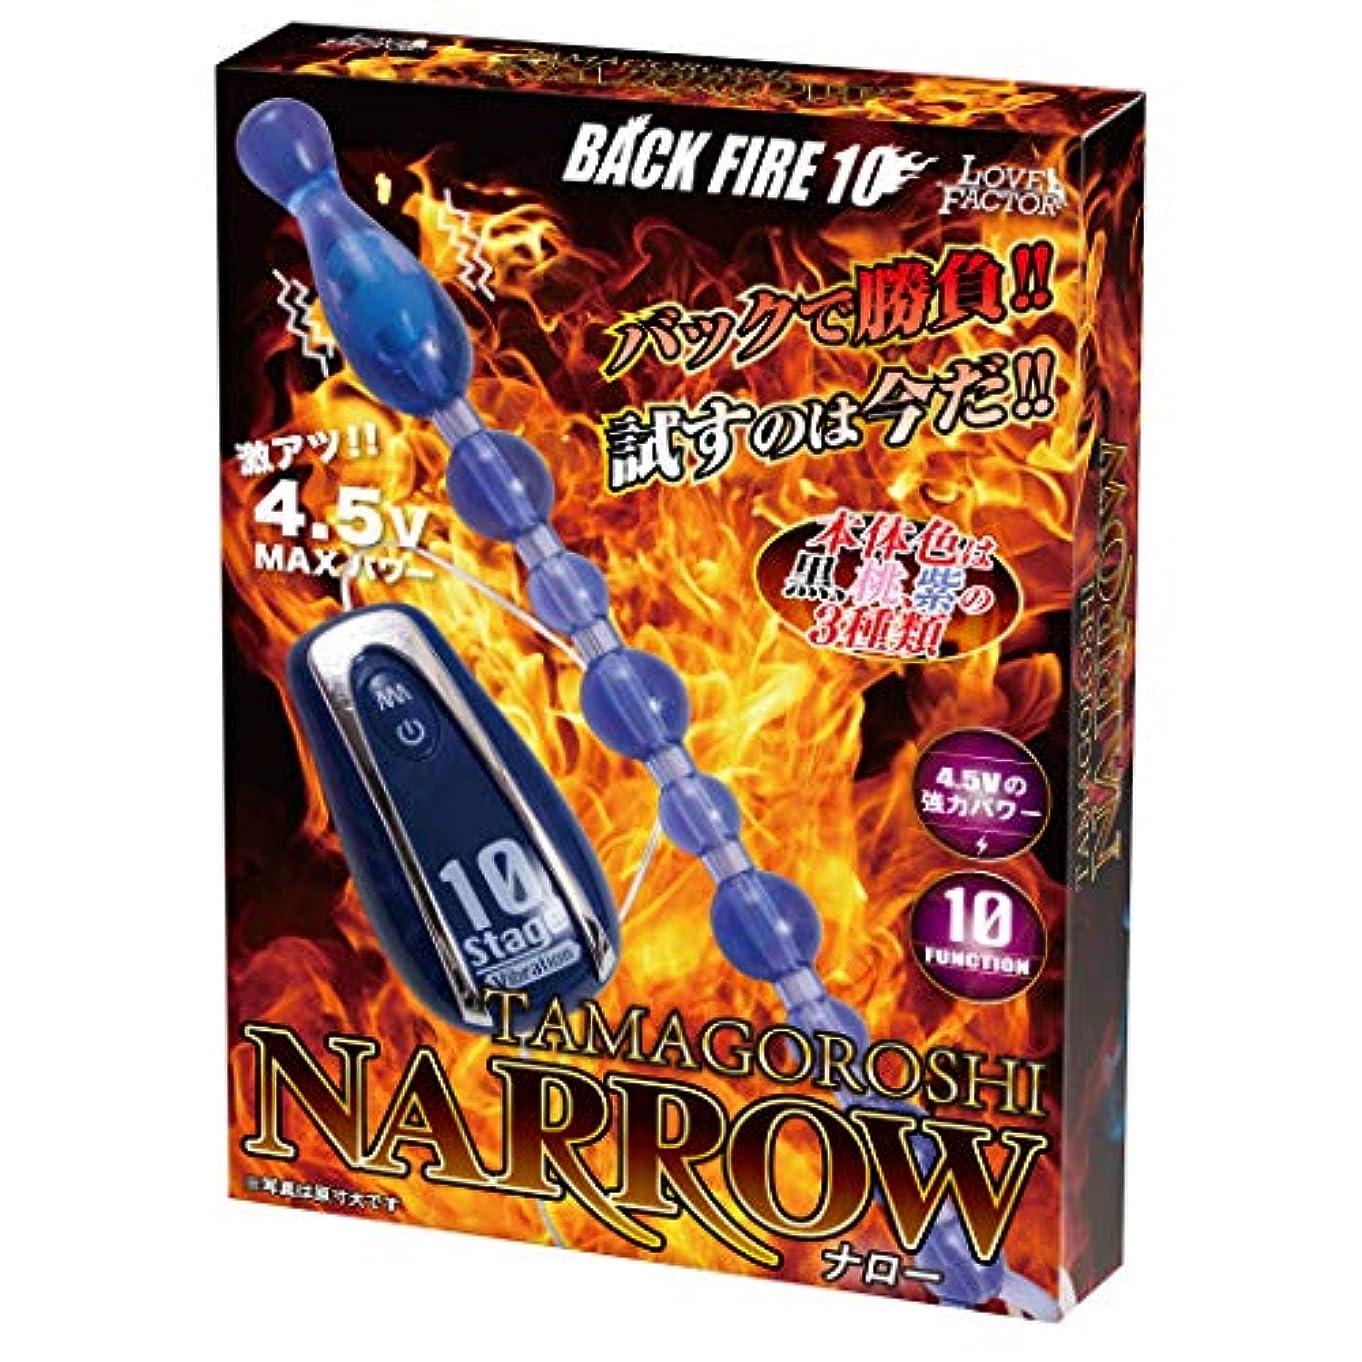 ローマ人レトルト深さBACK FIRE TAMAGOROSHI NARROW (ナロー) 紫 アナル拡張 アナル開発 プラグ SM調教 携帯式 野外プレー 男女兼用